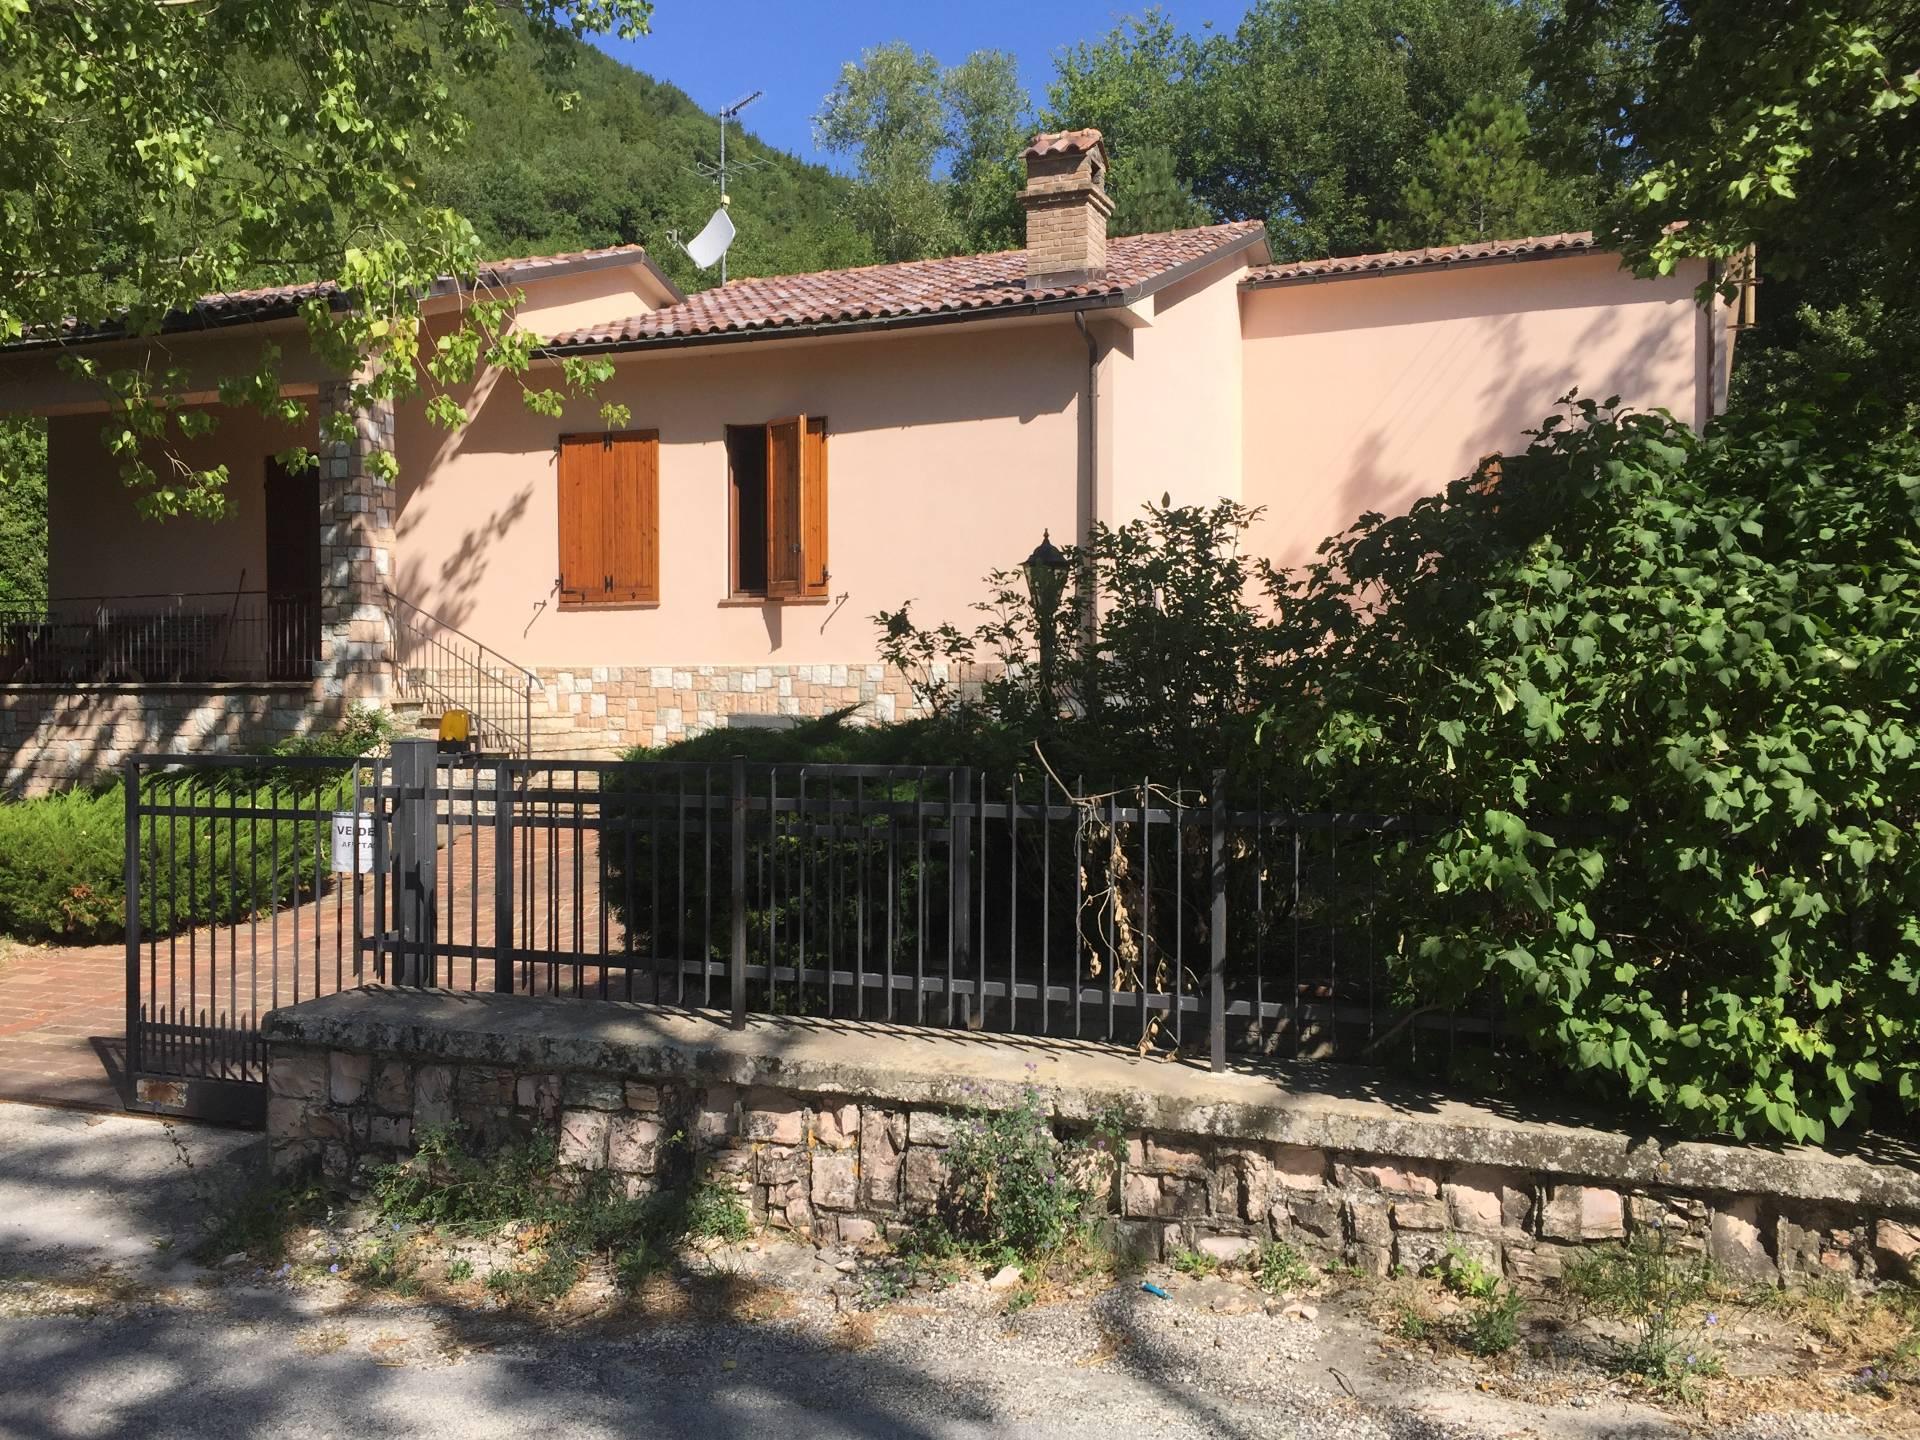 Soluzione Indipendente in vendita a Sassoferrato, 5 locali, prezzo € 110.000 | CambioCasa.it